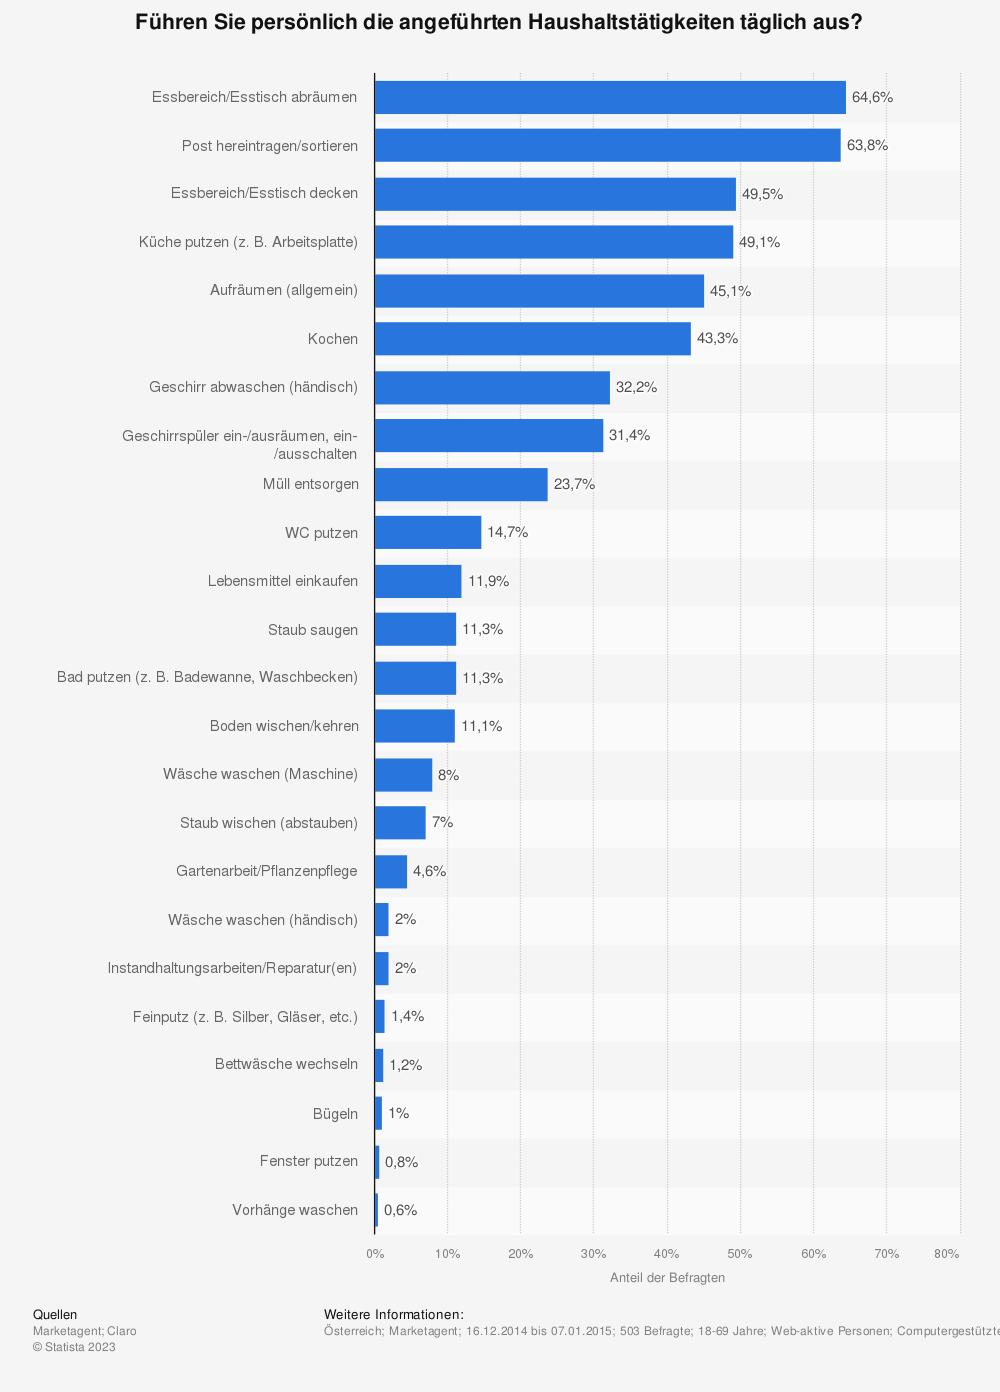 Statistik: Führen Sie persönlich die angeführten Haushaltstätigkeiten täglich aus? | Statista